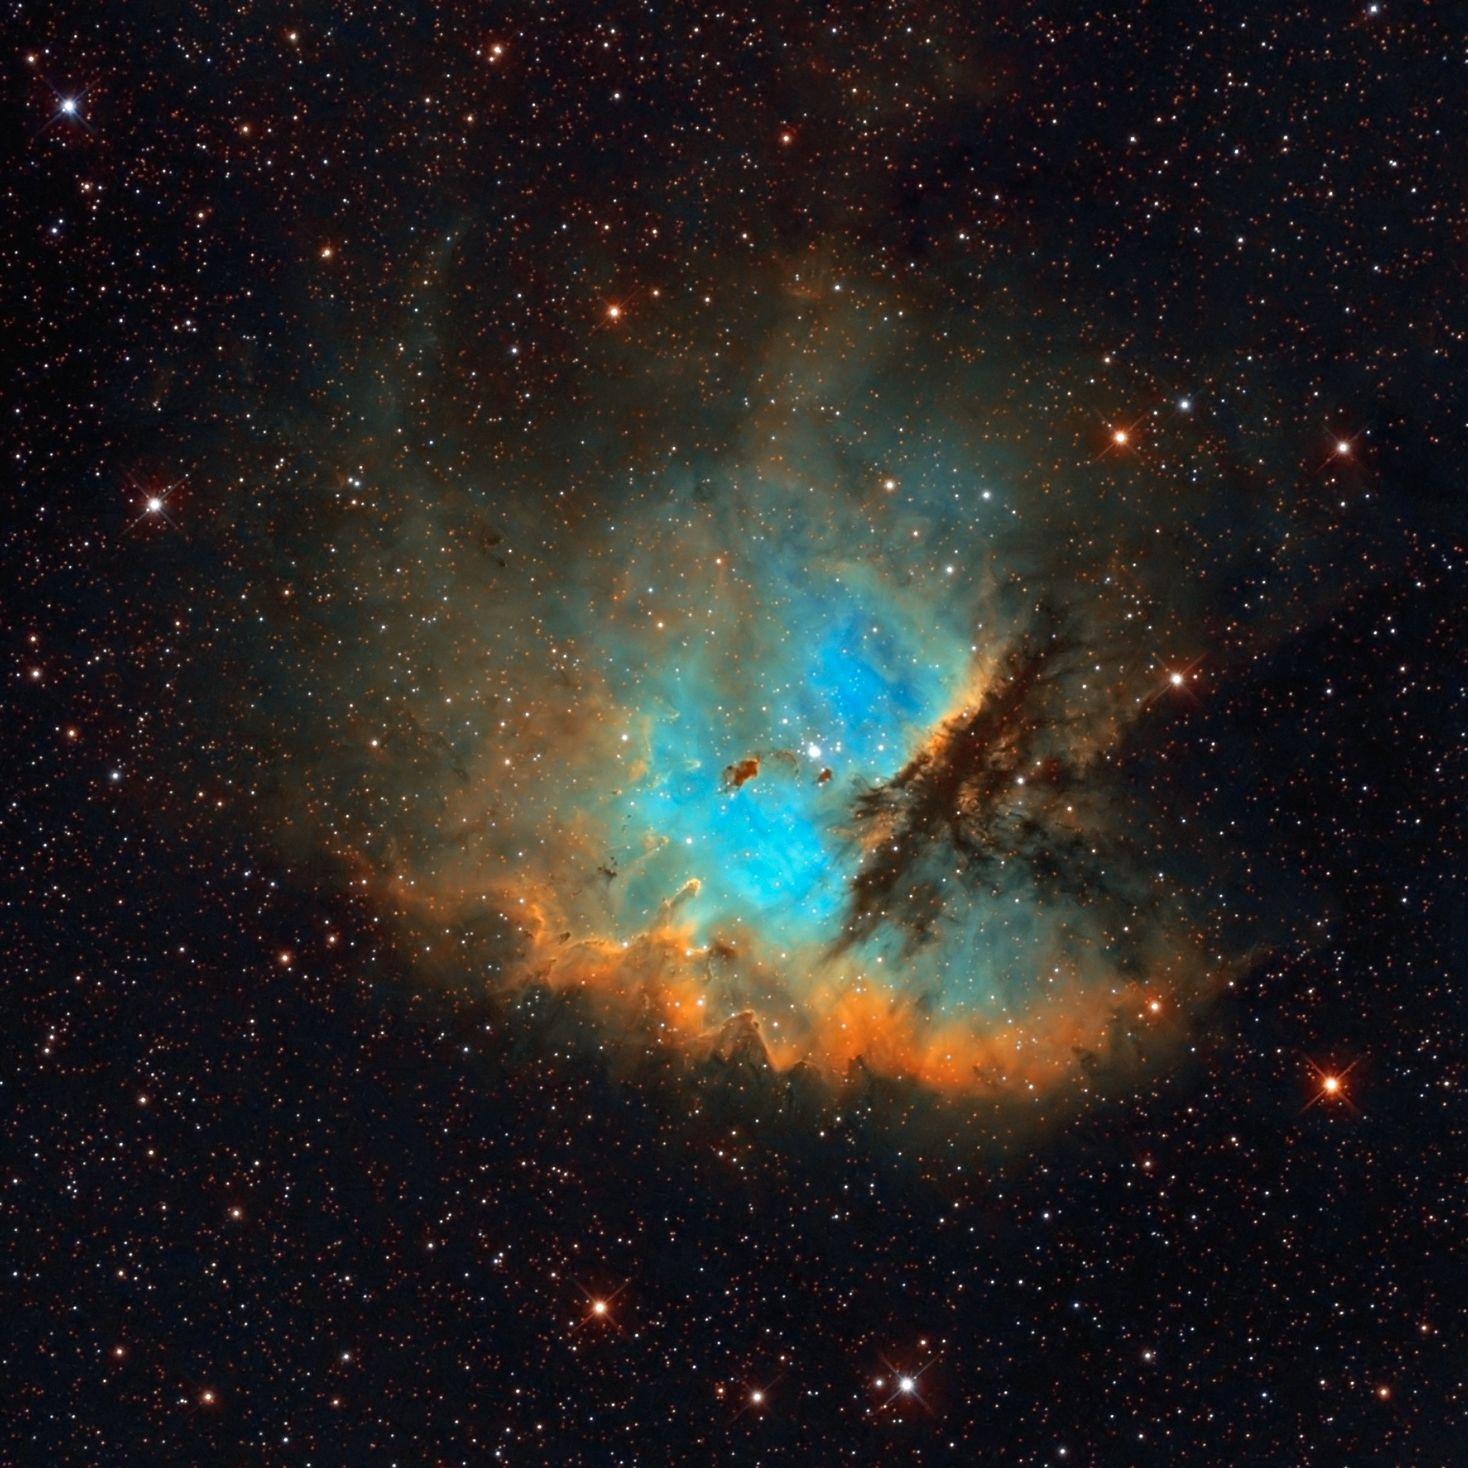 NGC281_SHO.jpg.5208a85ac4f4de16addcc2f7bece15e9.jpg